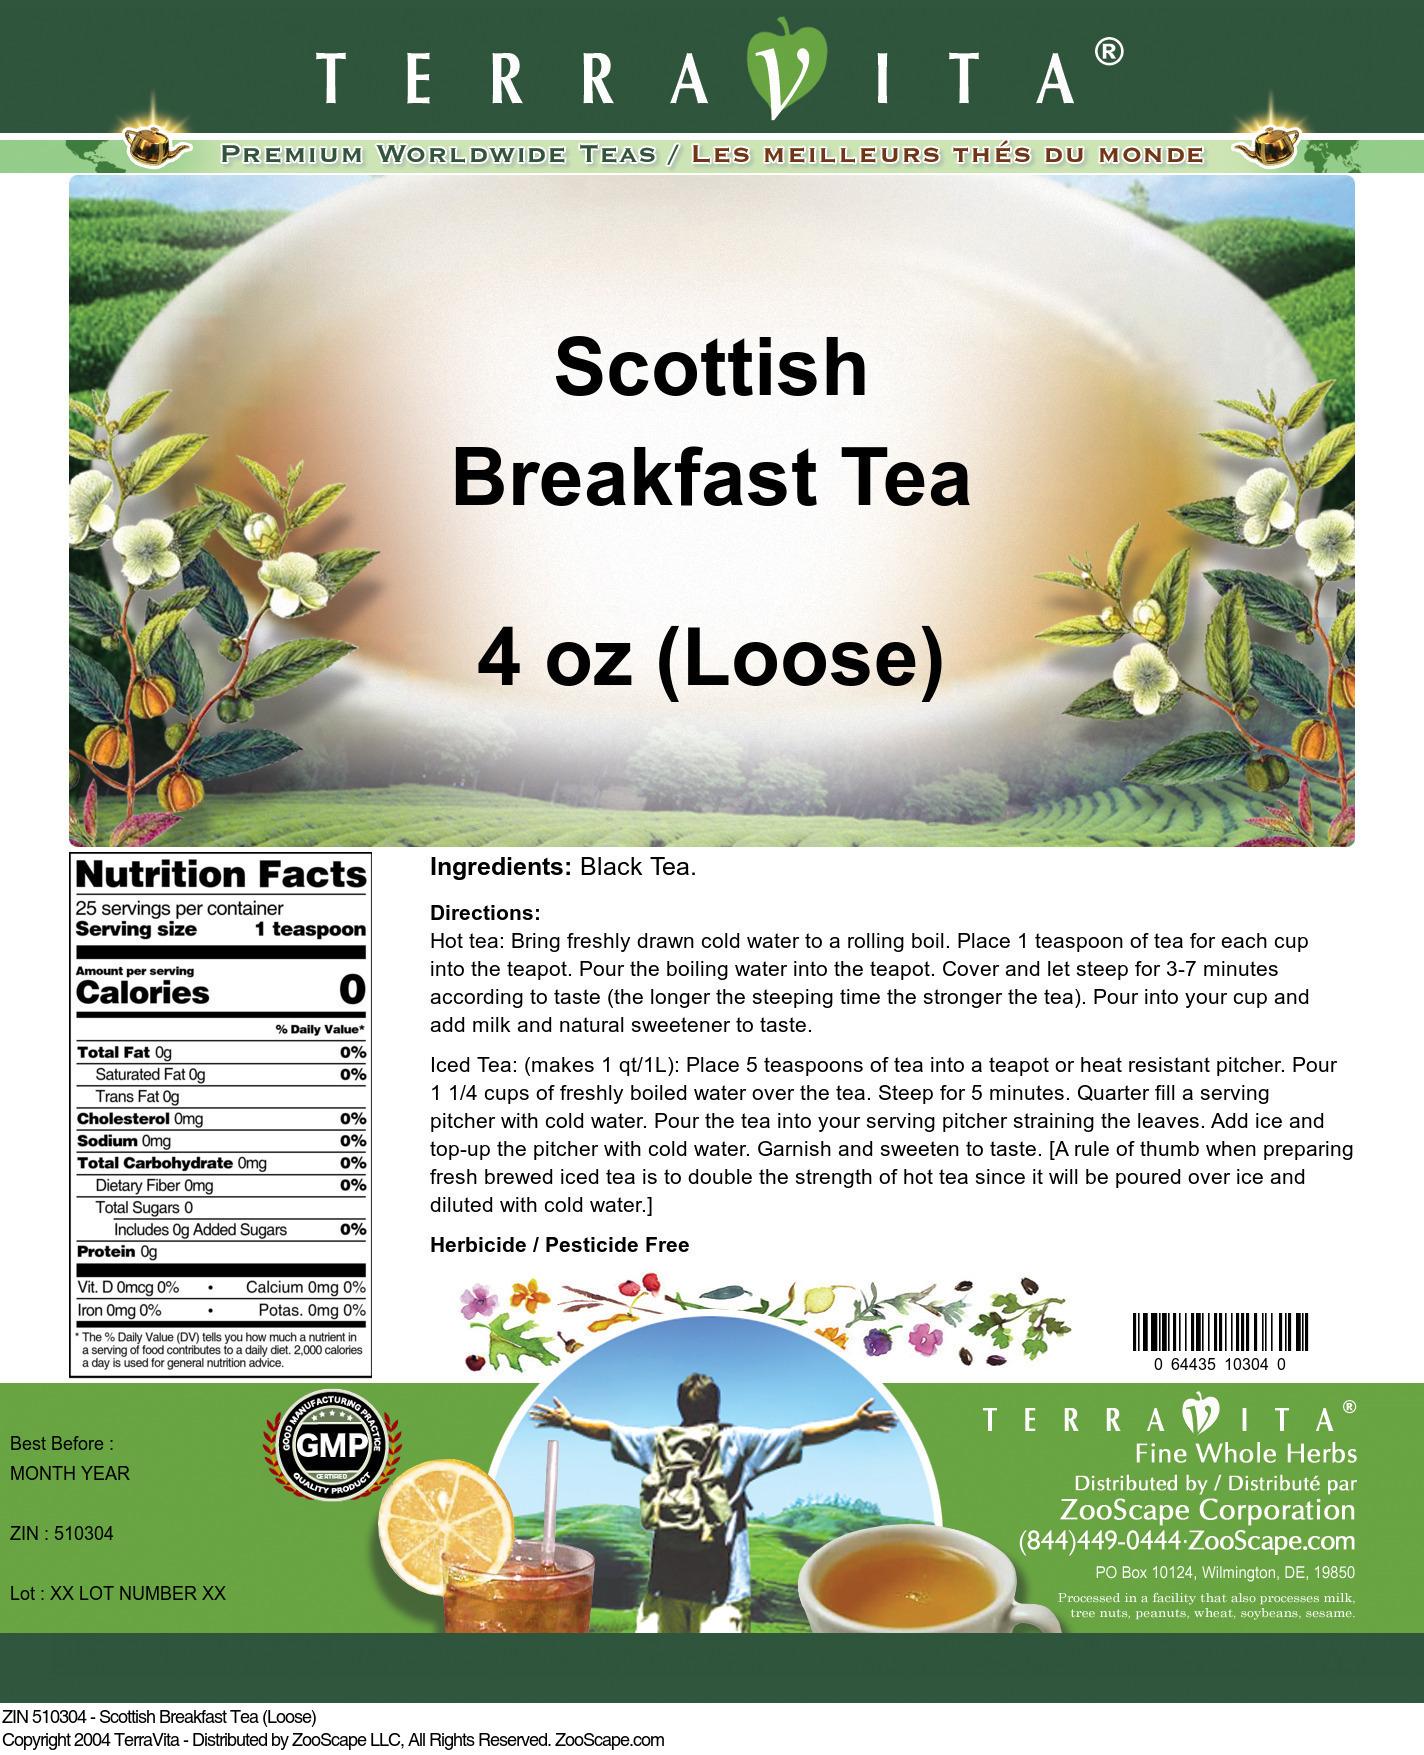 Scottish Breakfast Tea (Loose)